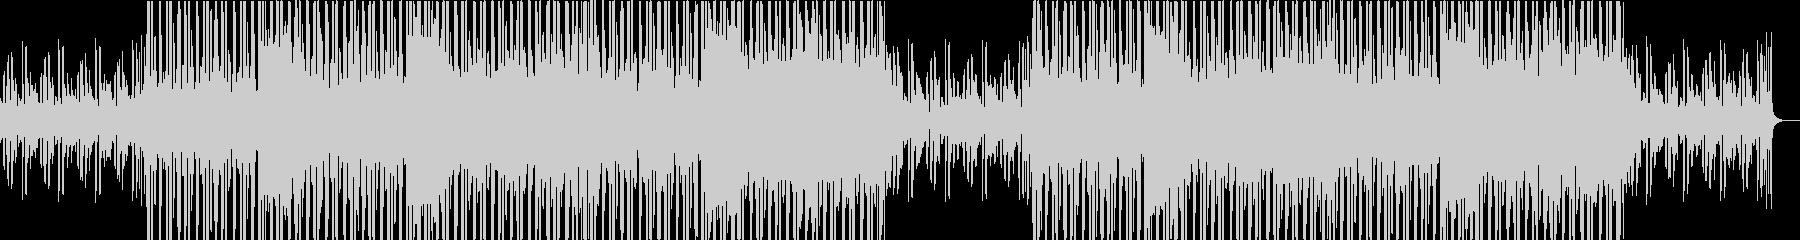 現代的なピアノとオリエンタルなエレクトロの未再生の波形